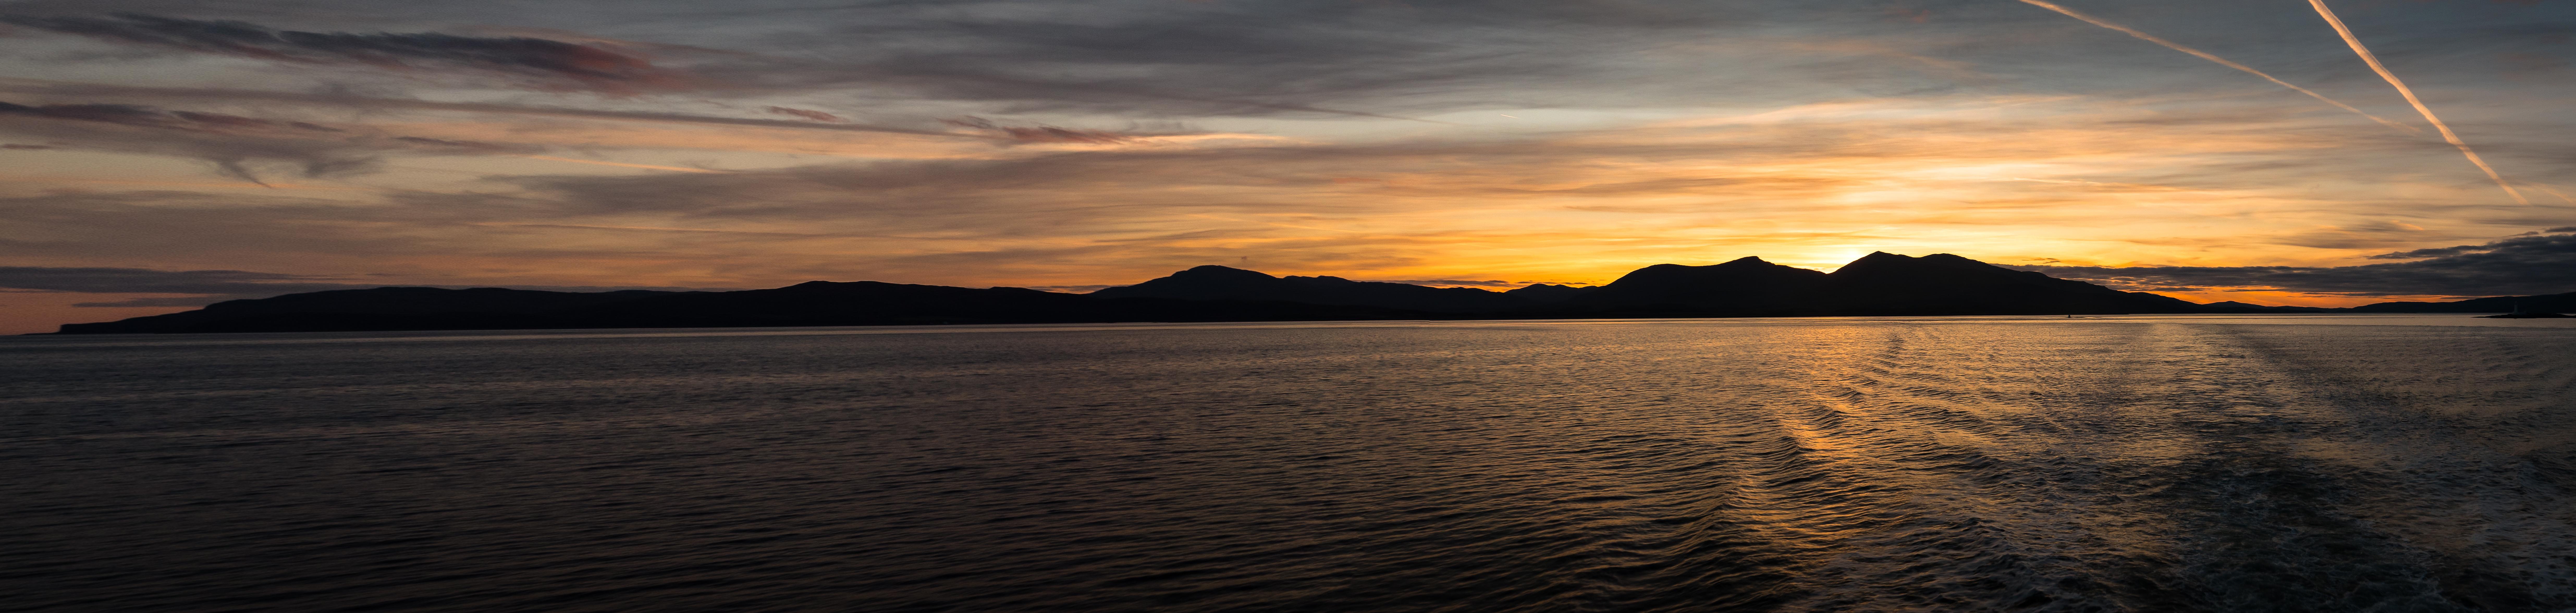 Mit der Fähre von Insel zu Insel in Schottland